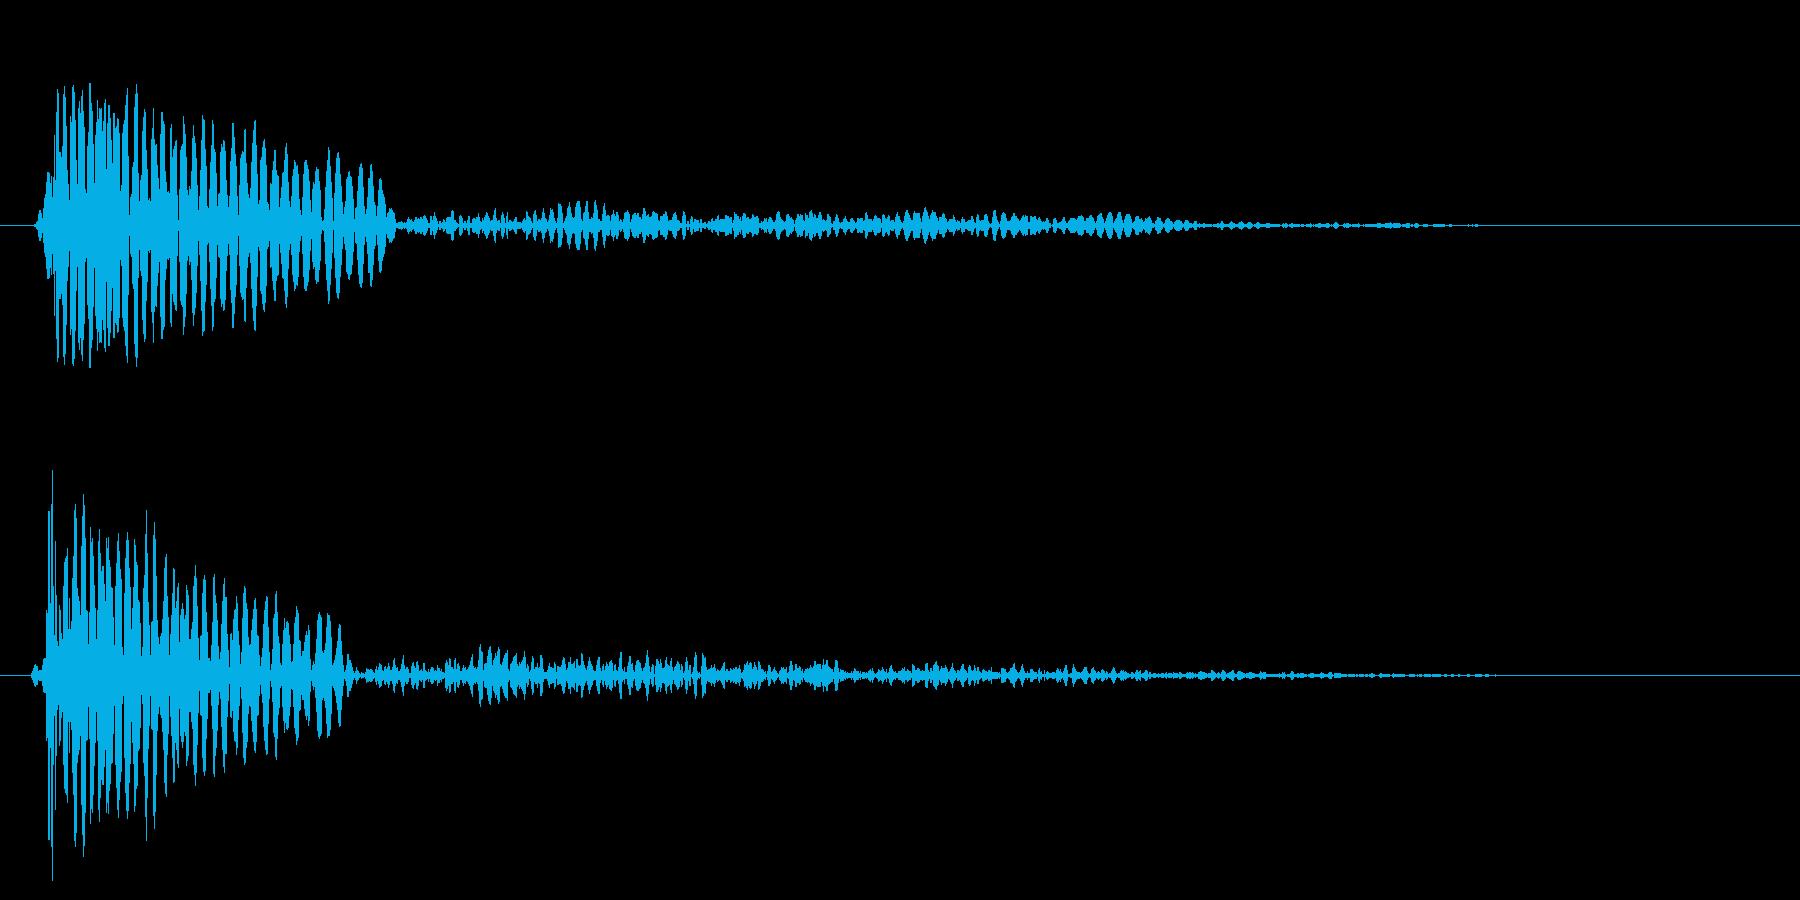 チュ〜ッ(小鳥のさえずり音・警戒音)の再生済みの波形